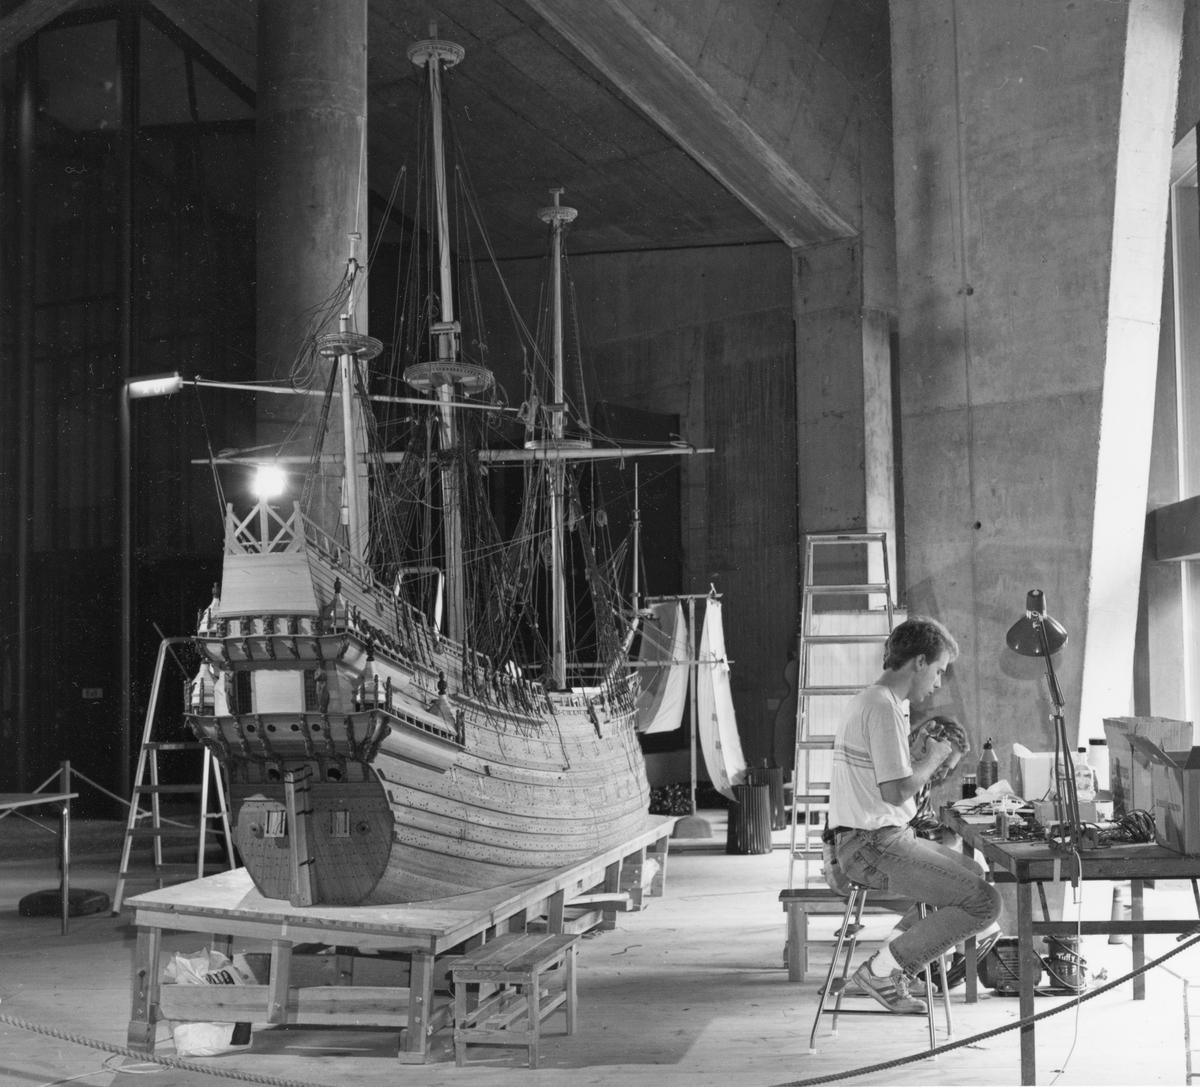 Modellbyggare Stefan Bruhn i arbete med modellen av Vasa i skala 1:10.